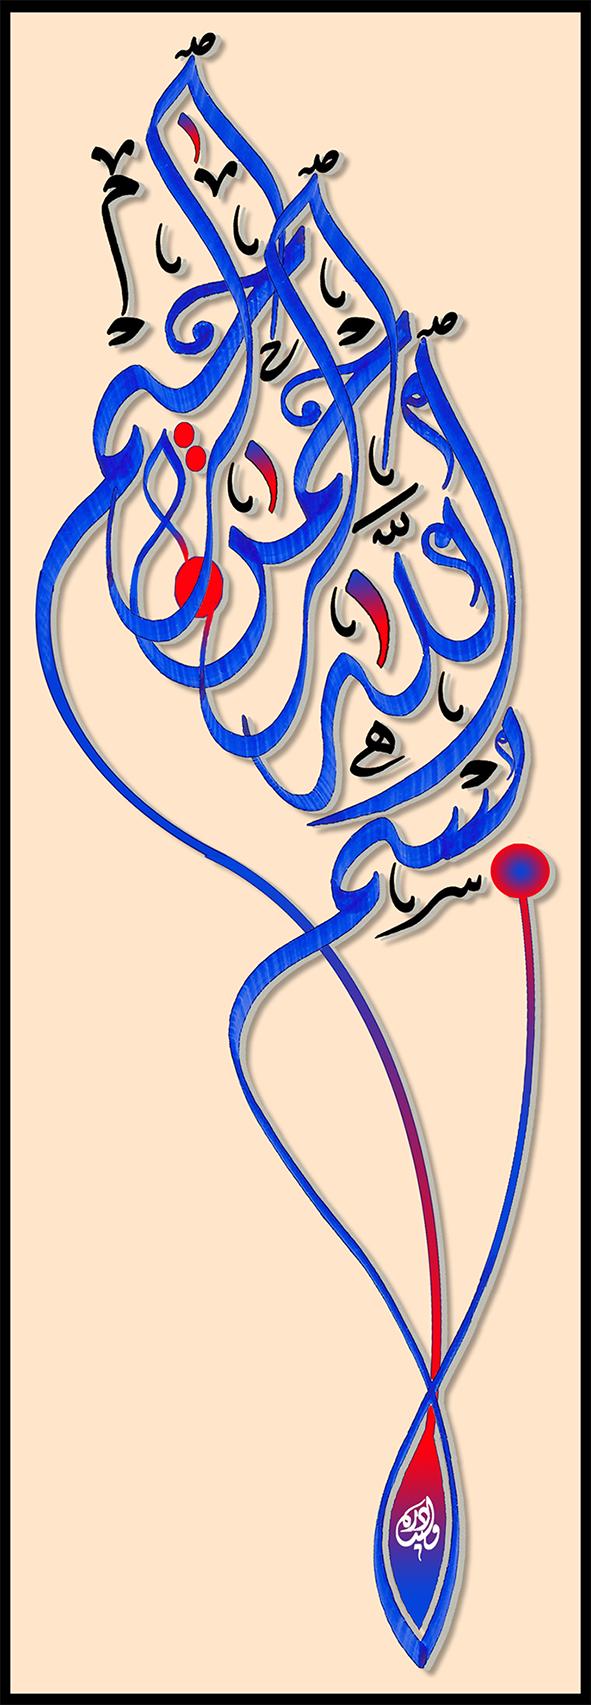 بسملة ديواني جلي بسم الله الرحمن الرحيم Islamic Calligraphy Arabic Calligraphy Word Drawings